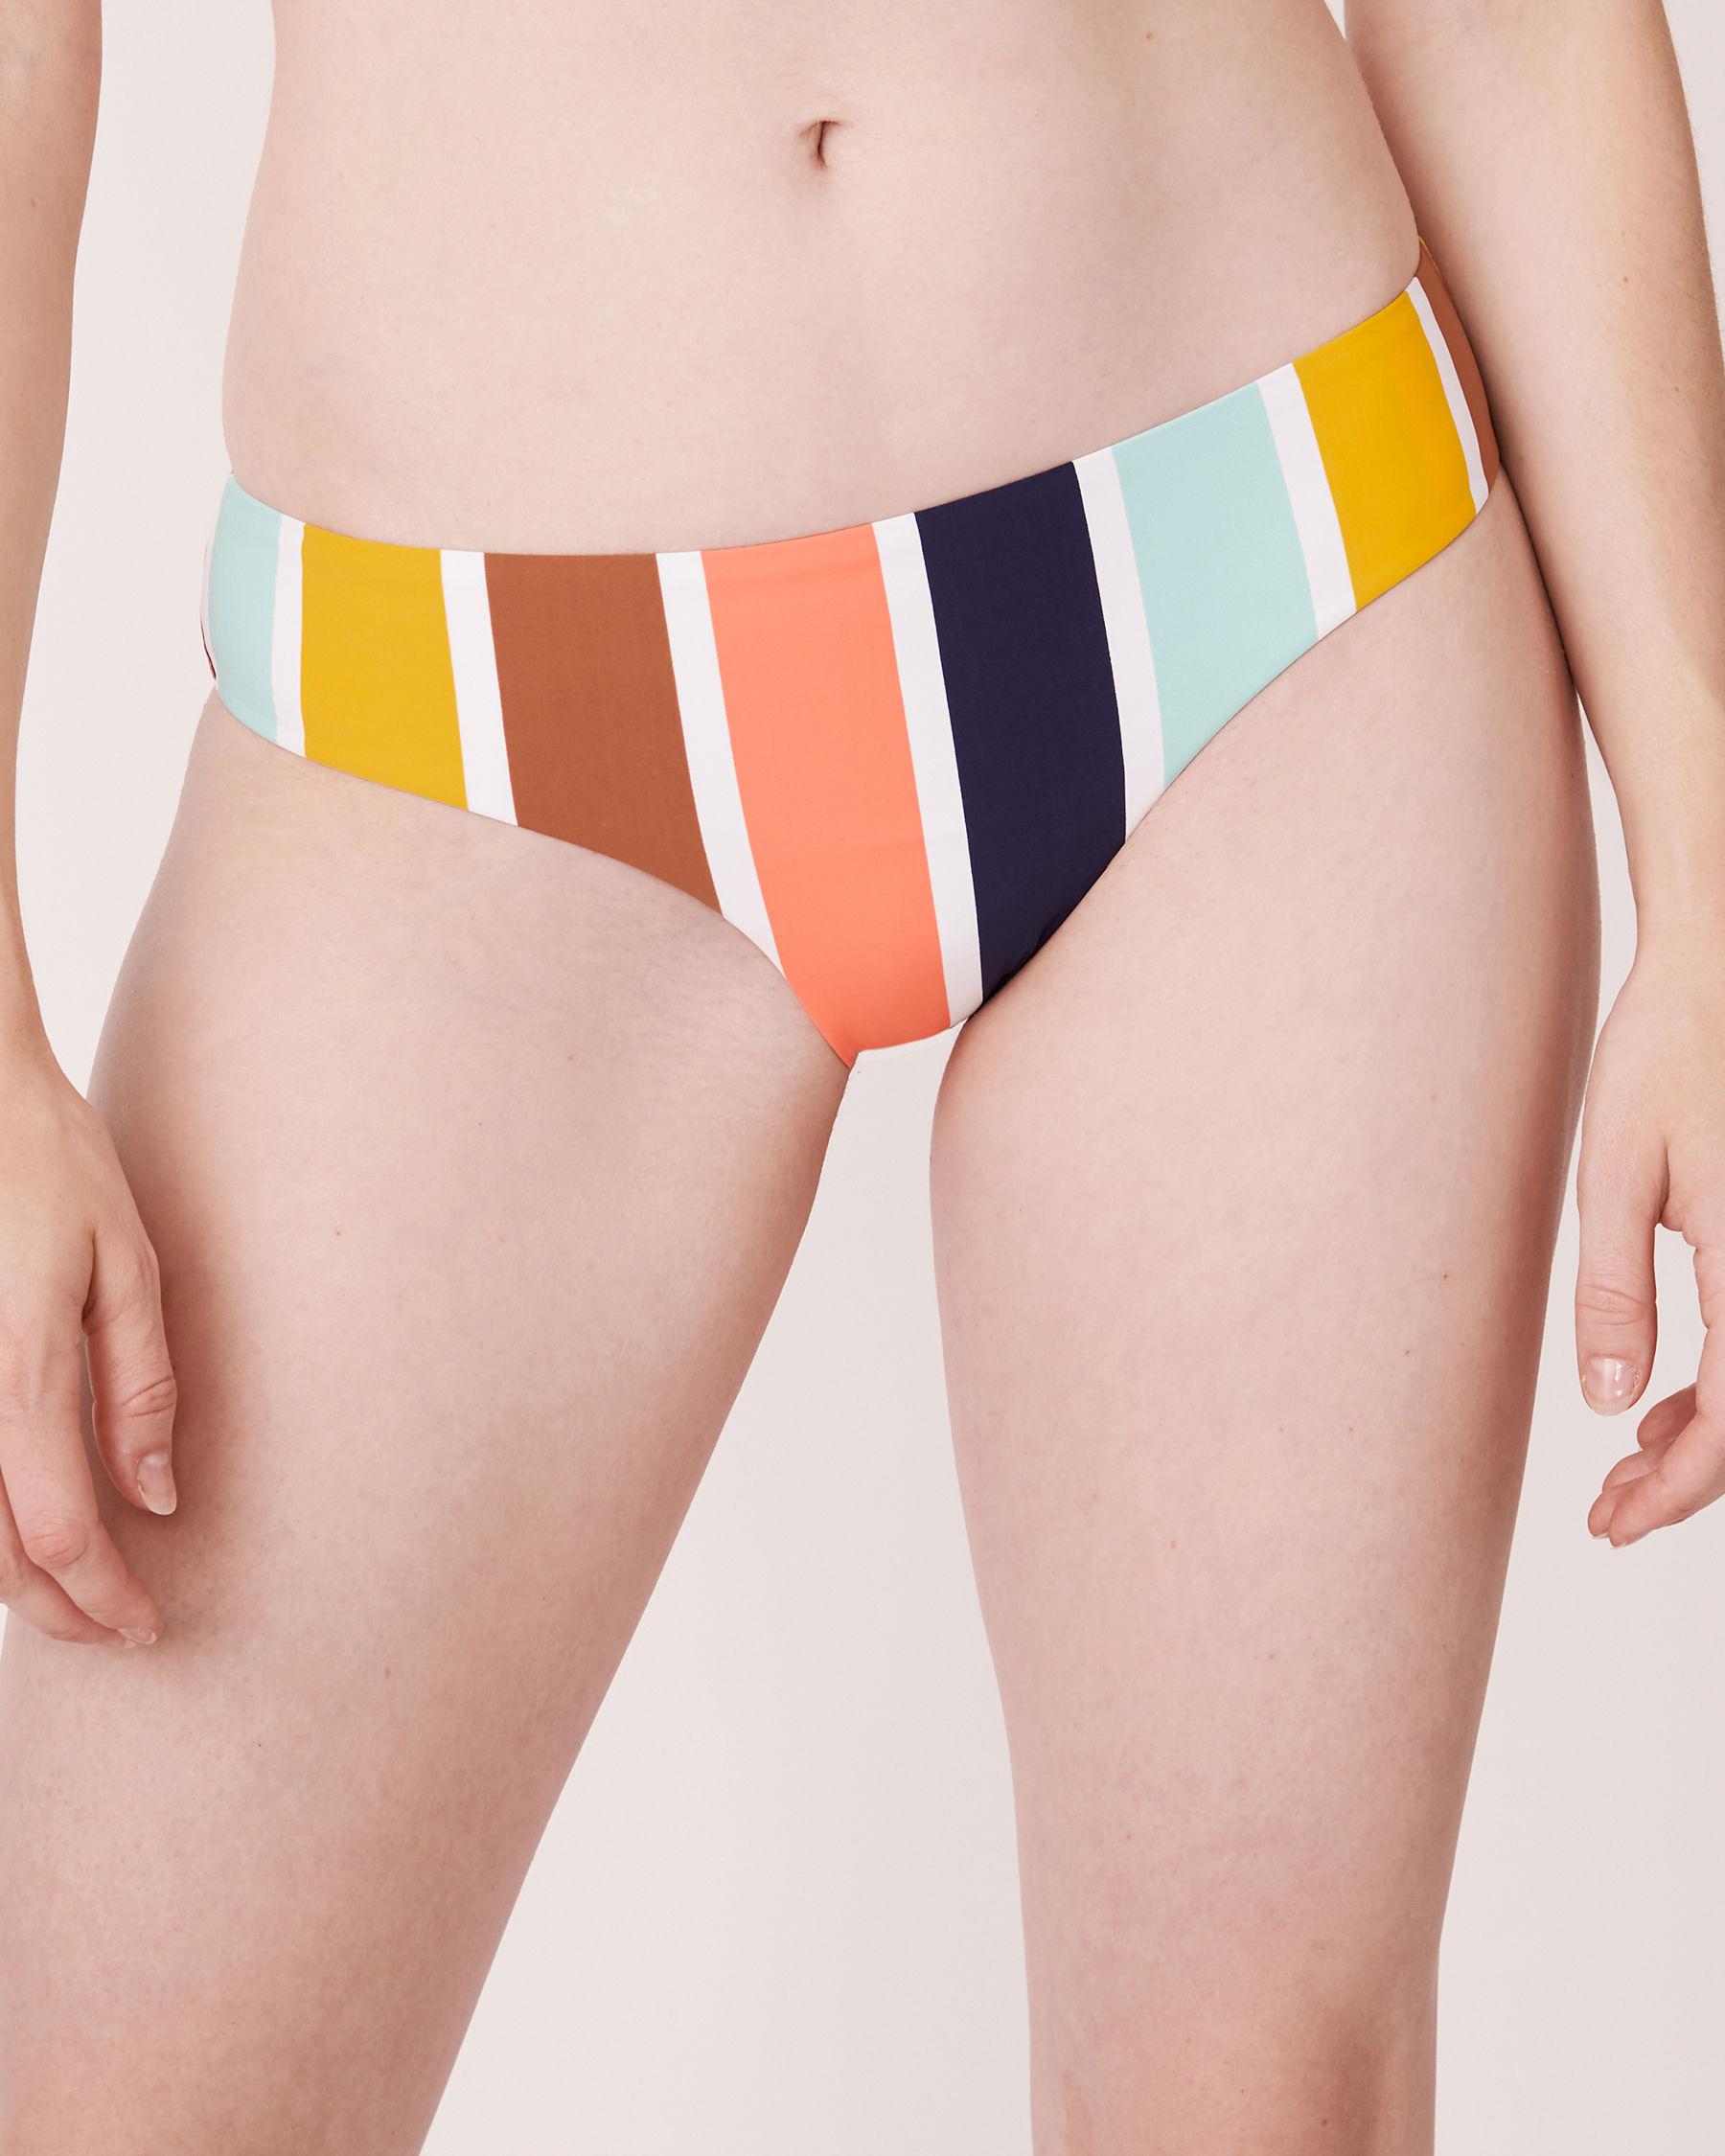 AQUAROSE Bas de bikini cheeky en fibres recyclées JUNIPER Rayures multicolores 70300034 - Voir1